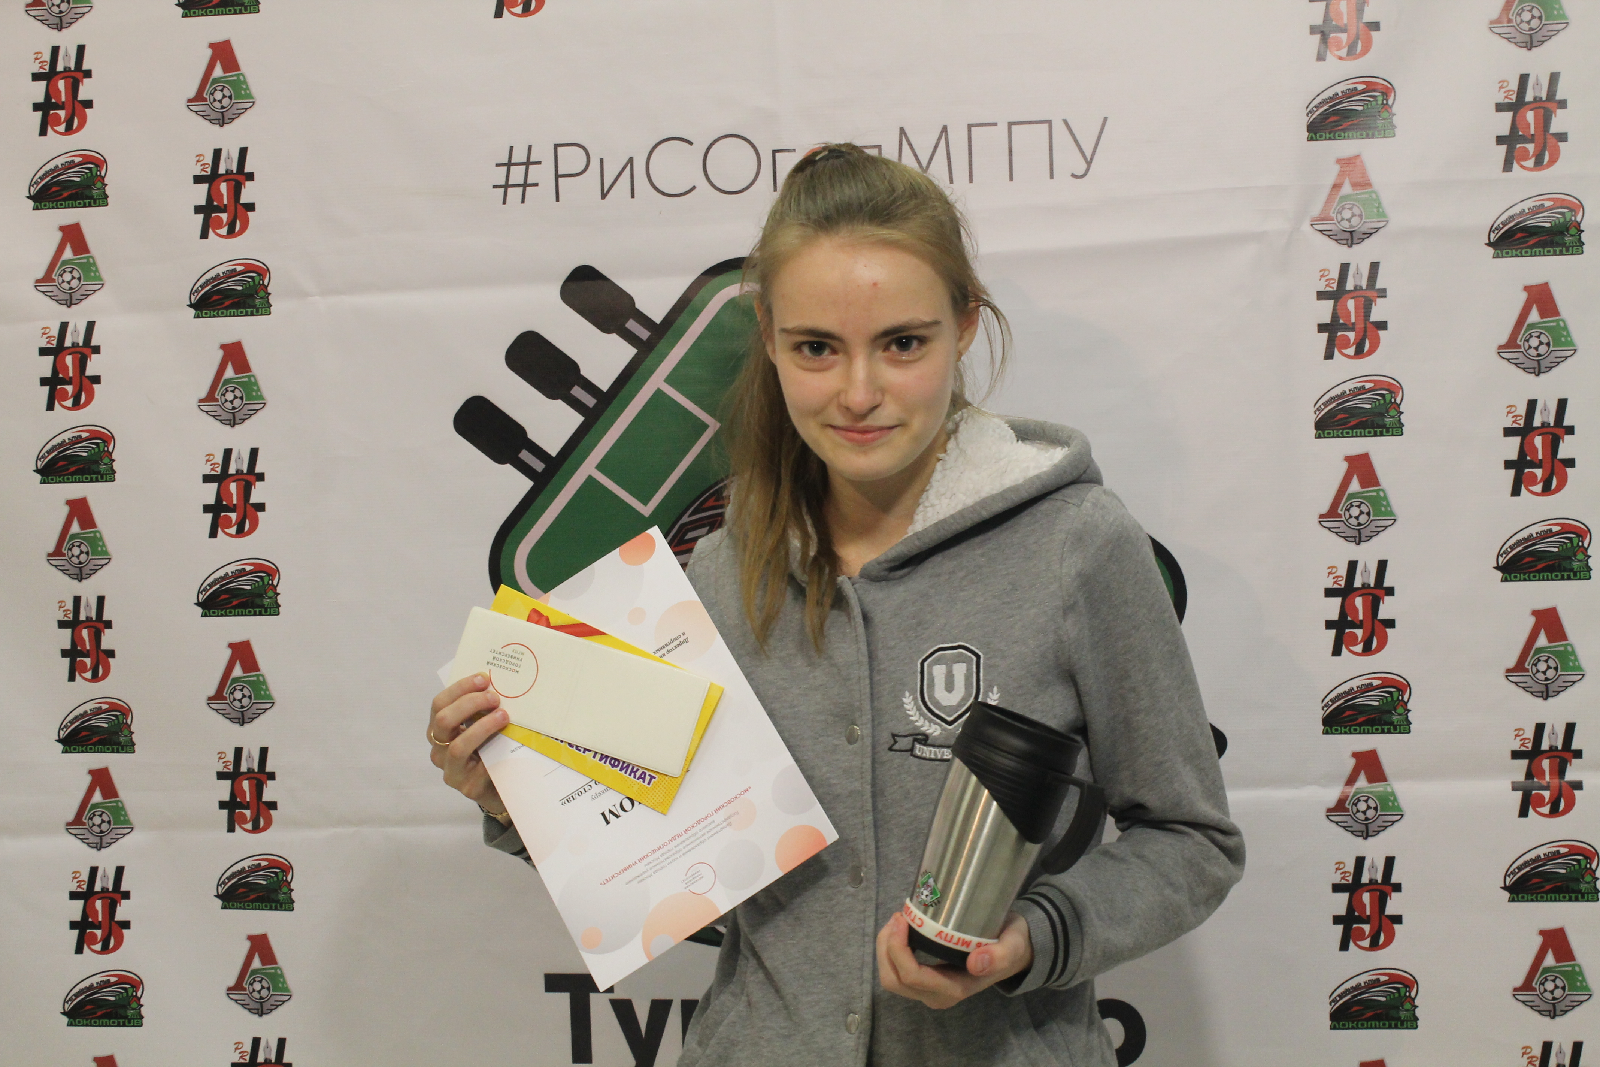 Анастасия Кинчак, финалистка турнира, второе место